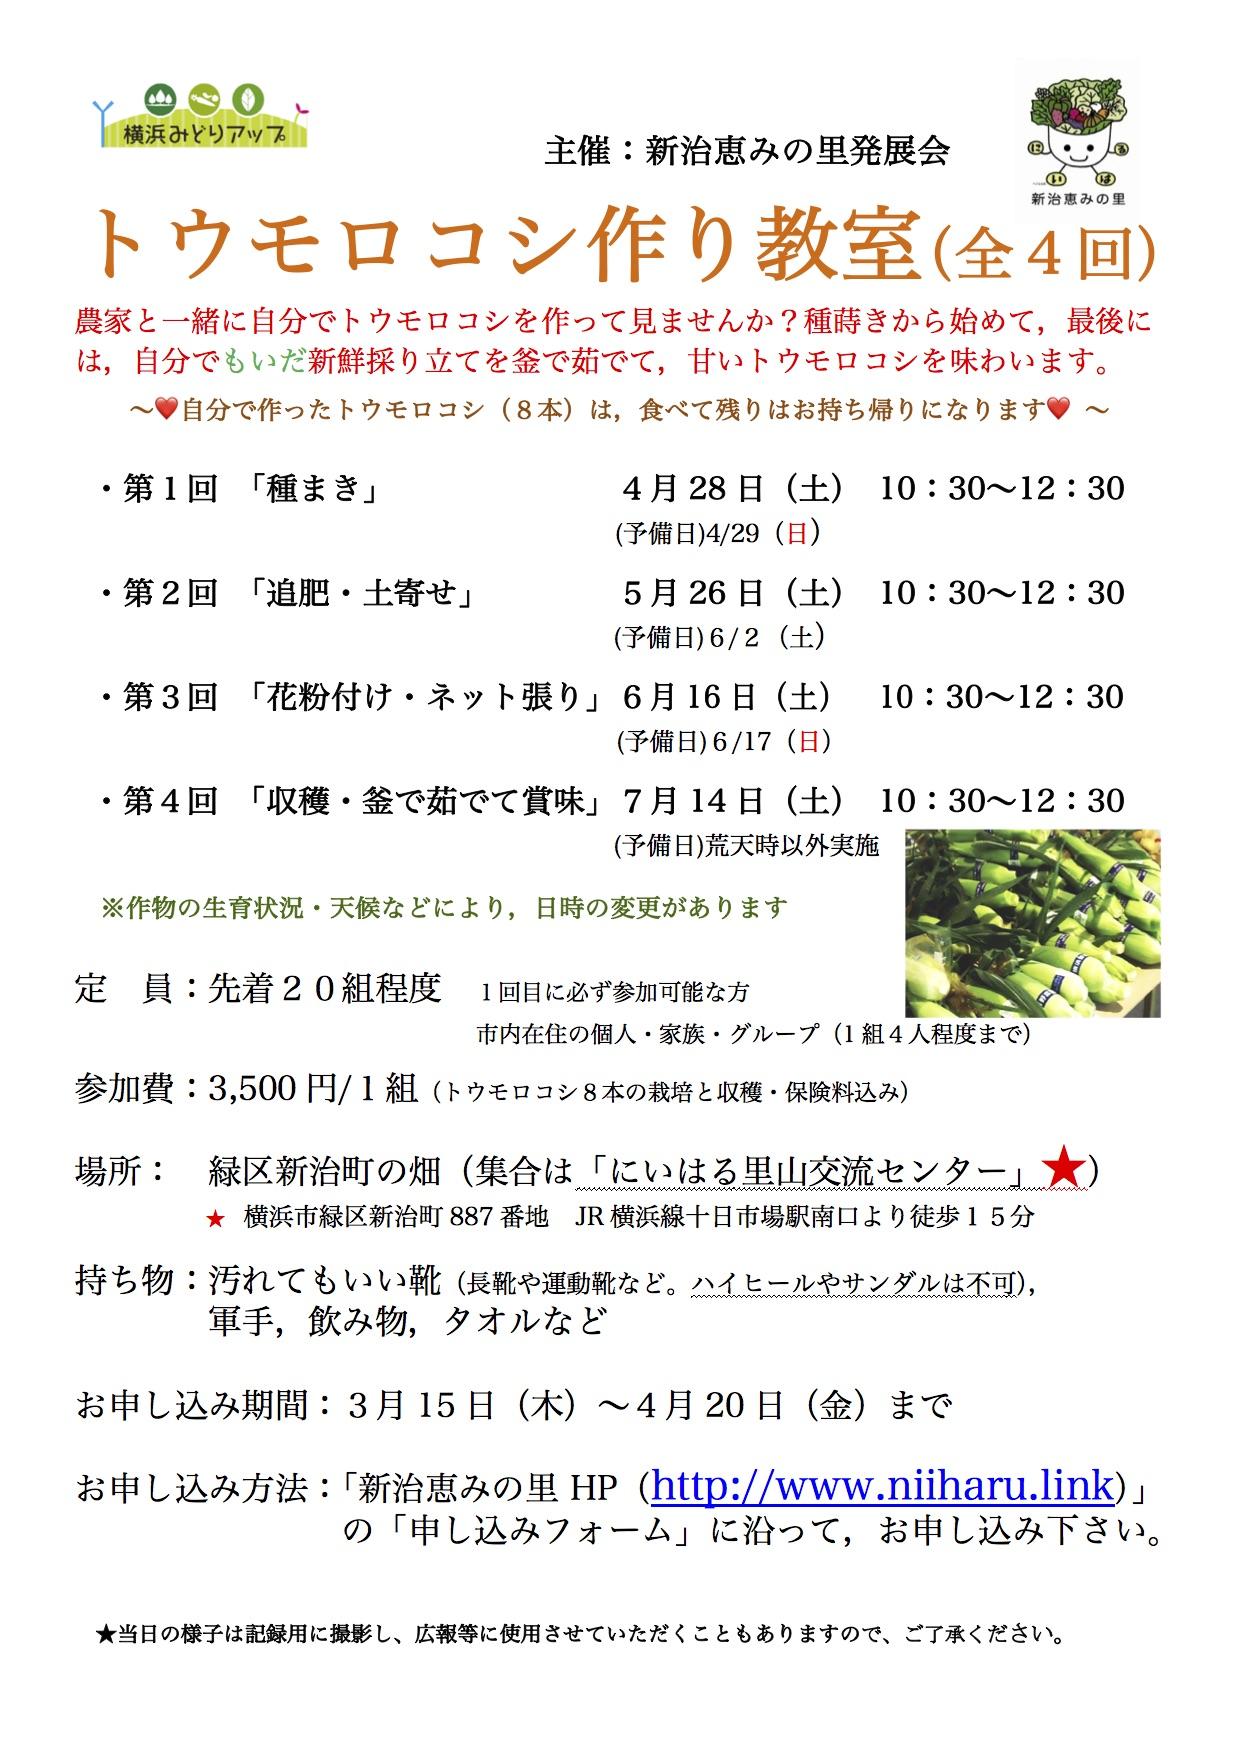 2018トウモロコシ作り教室(ポスター・チラシ)